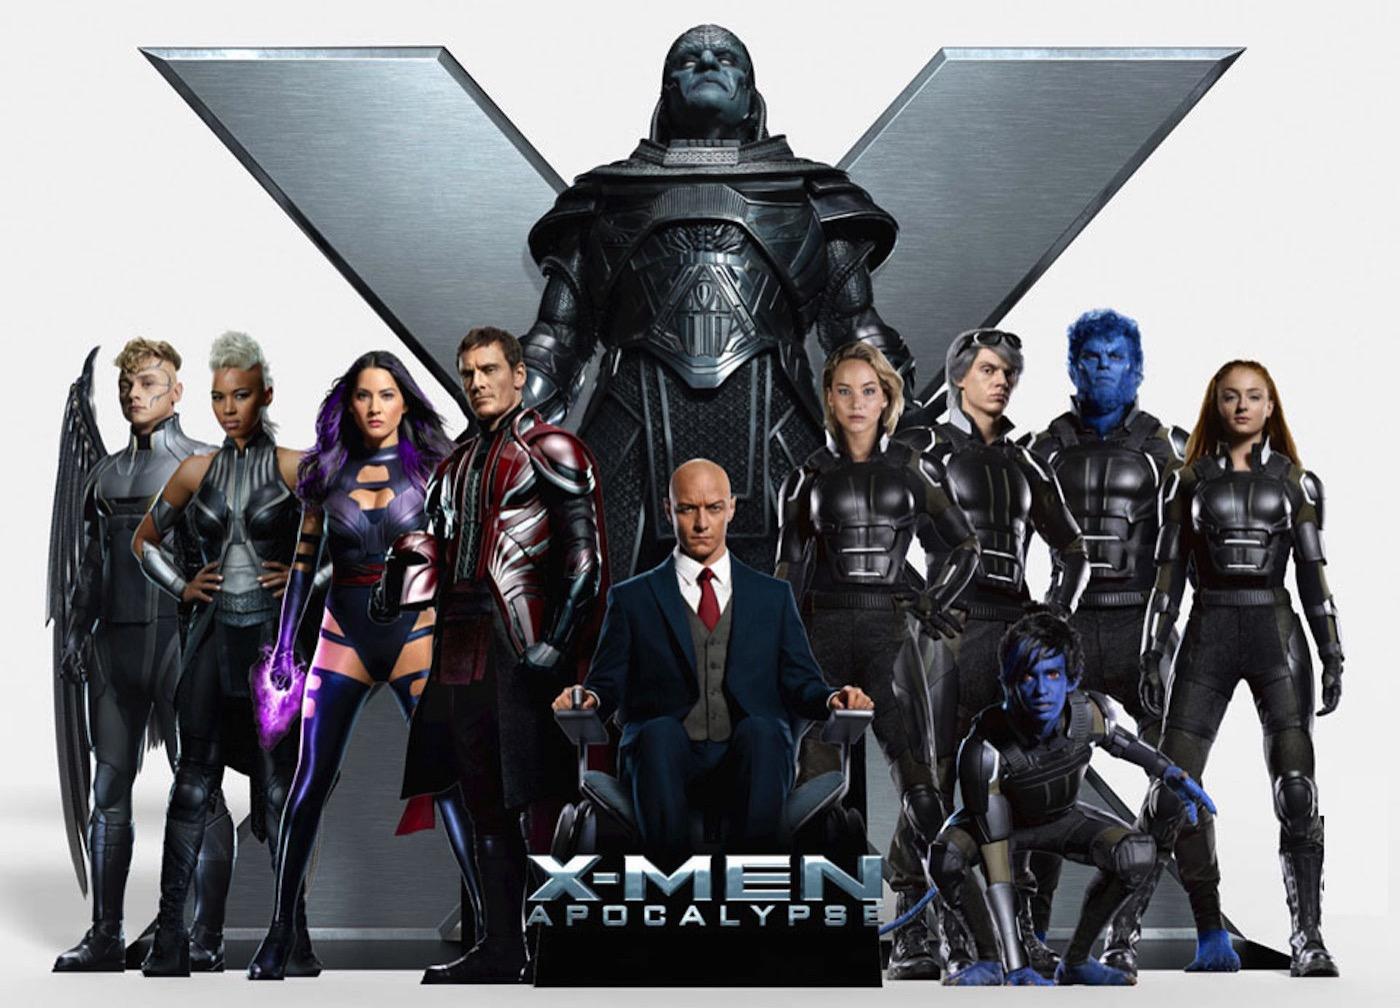 X-Men-Apocalypse_poster_goldposter_com_76.jpg